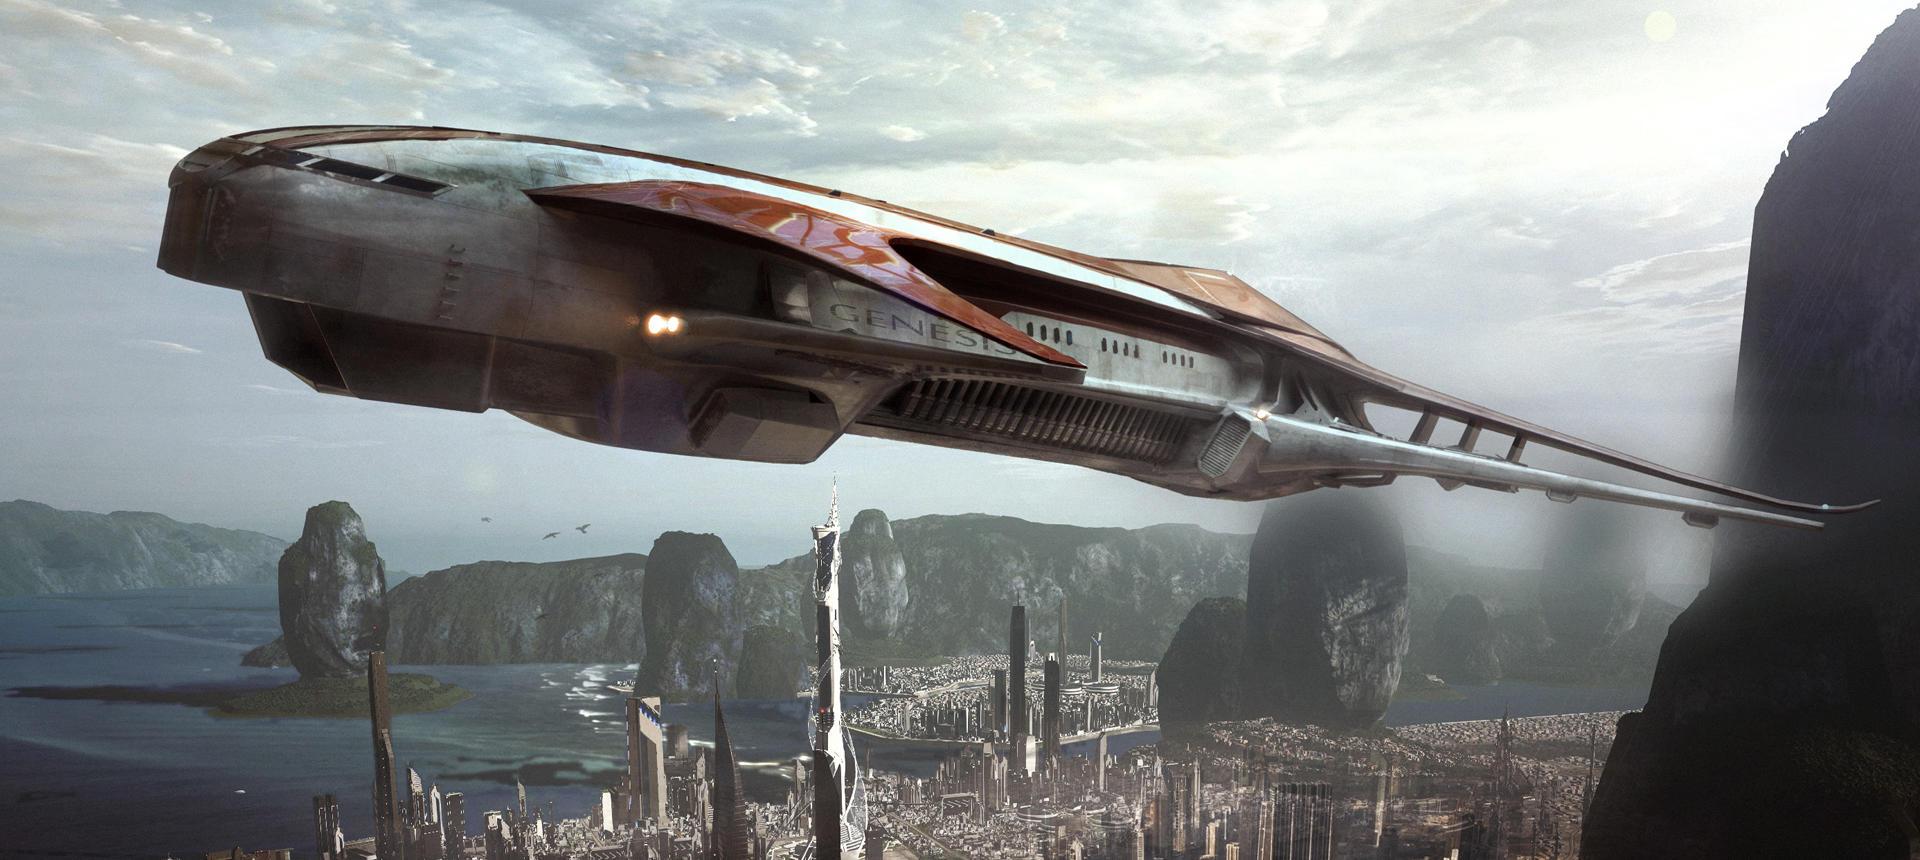 Genesis Starliner